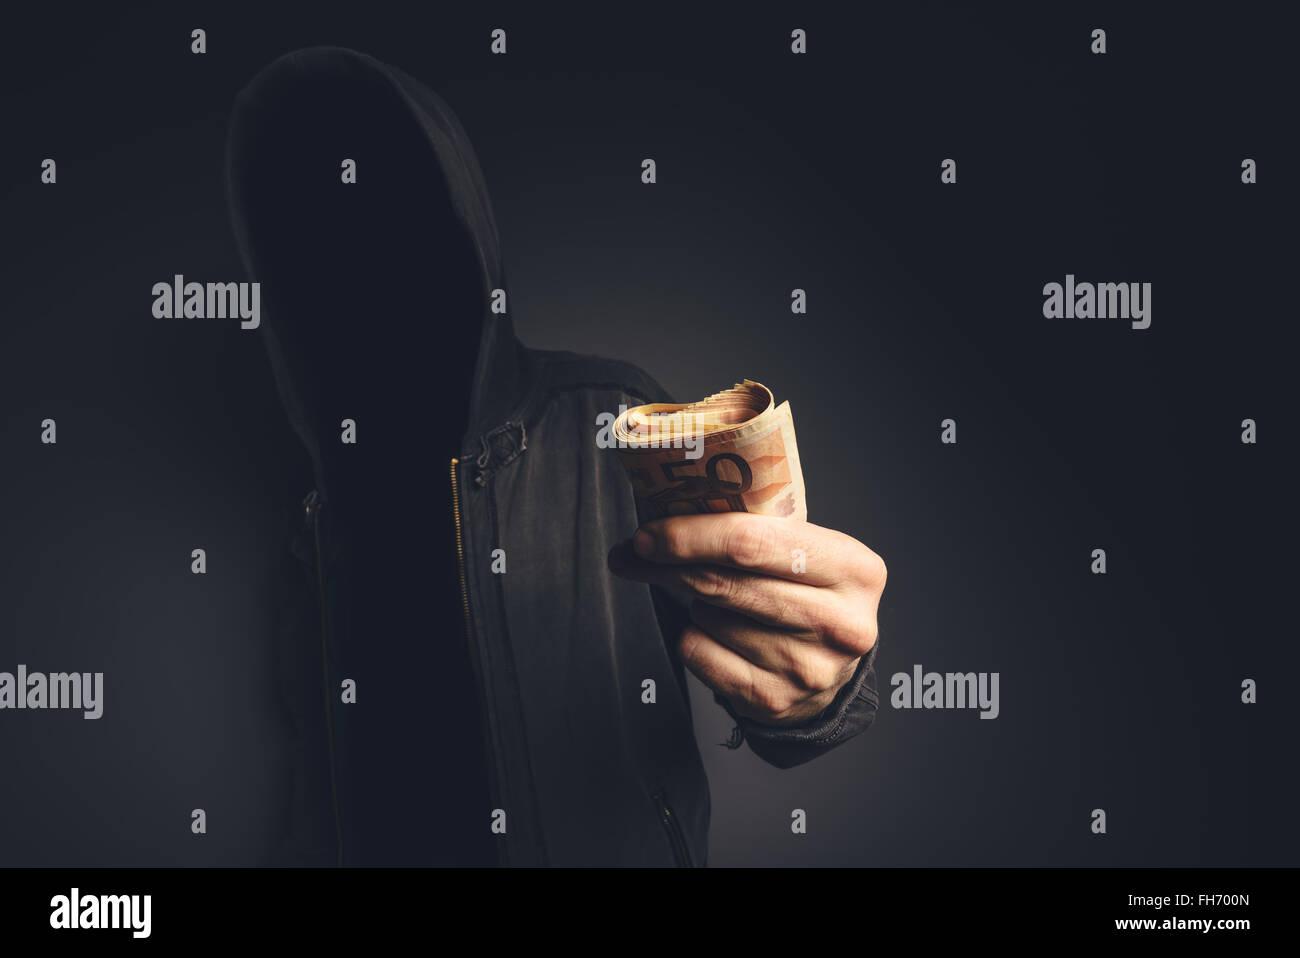 Irriconoscibile incappucciati hacker offrendo denaro contante, cyber criminalità, ricatto e estorsione concetto. Immagini Stock